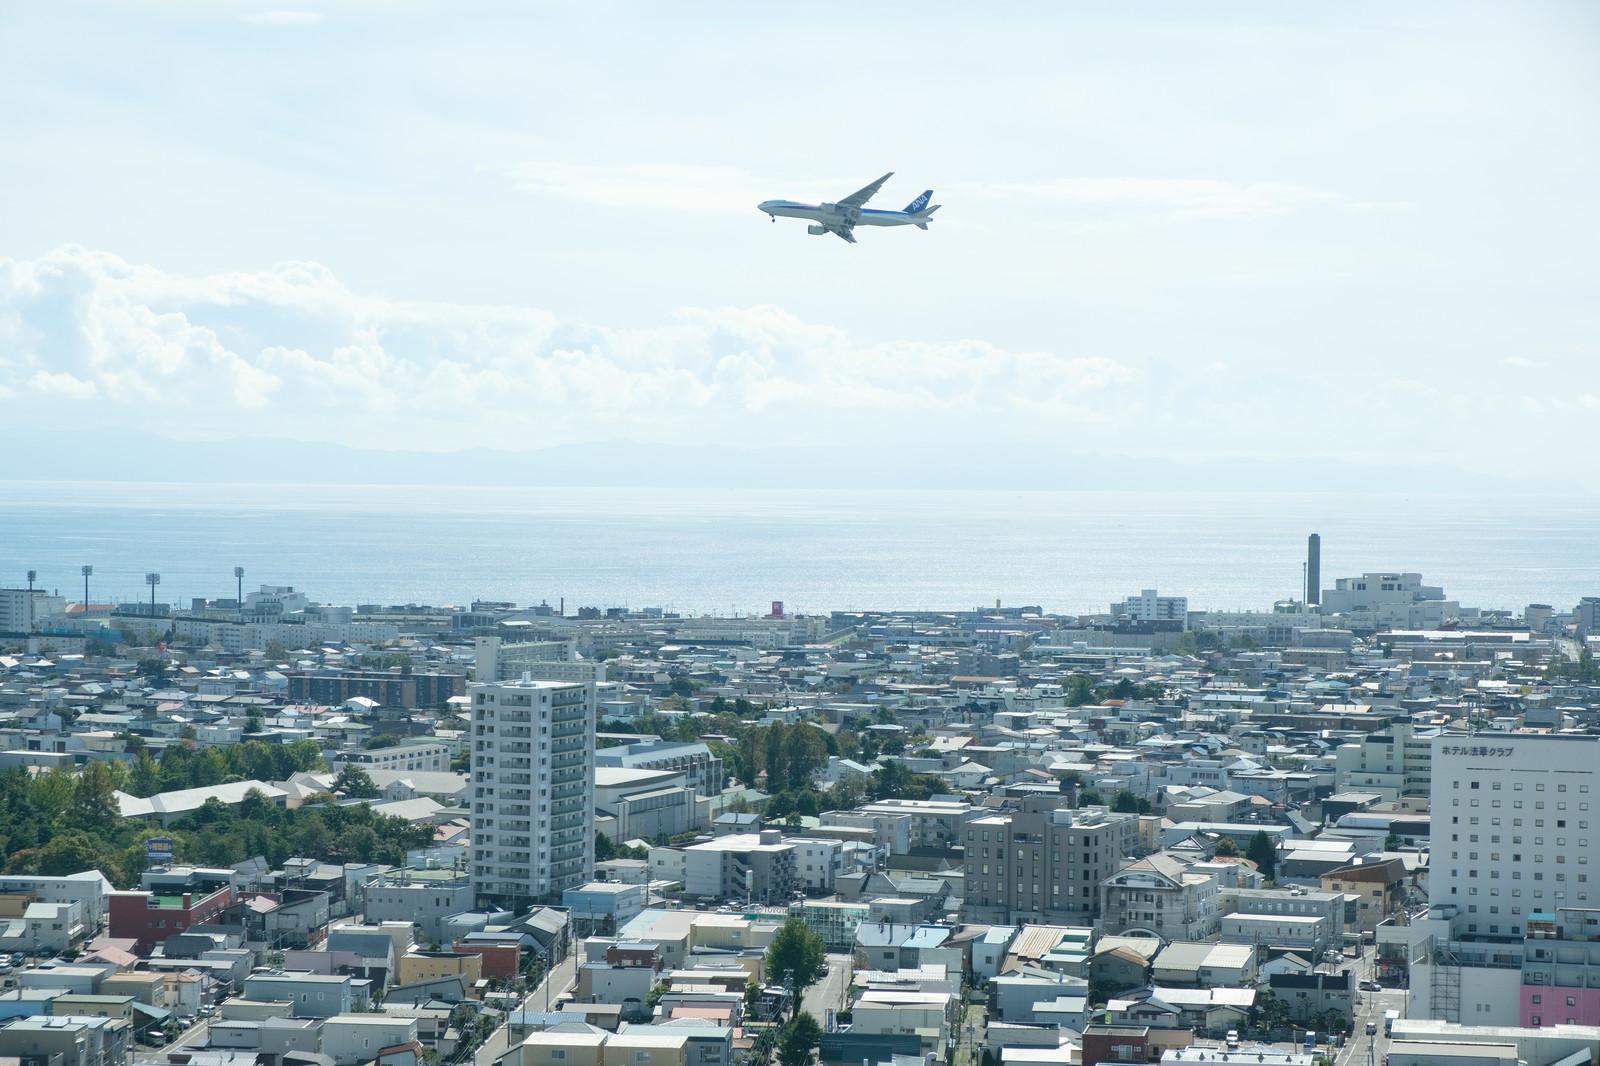 「街並みと離陸した旅客機(函館空港)」の写真